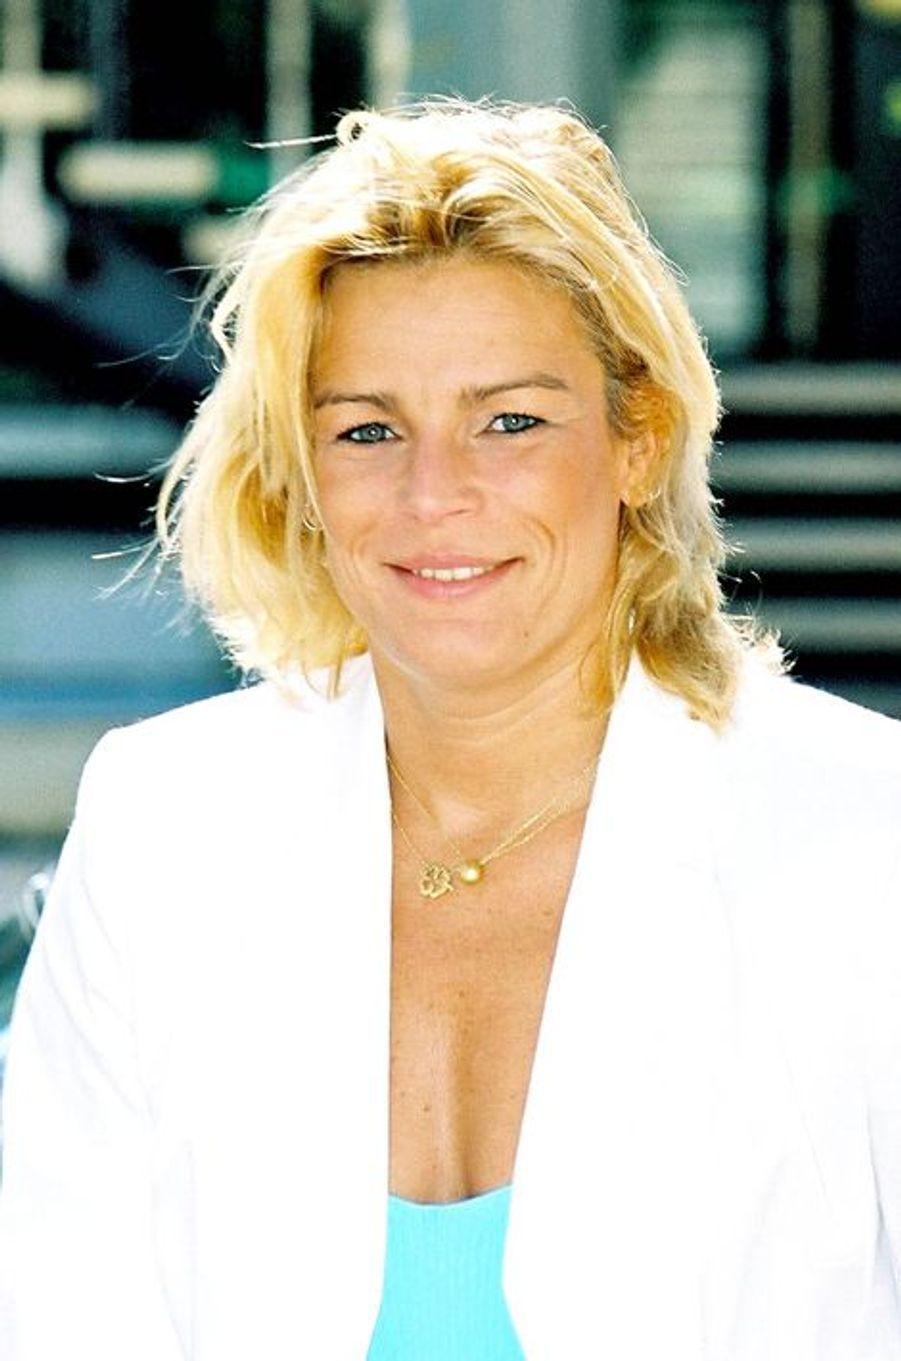 La princesse Stéphanie de Monaco le 16 juin 2001